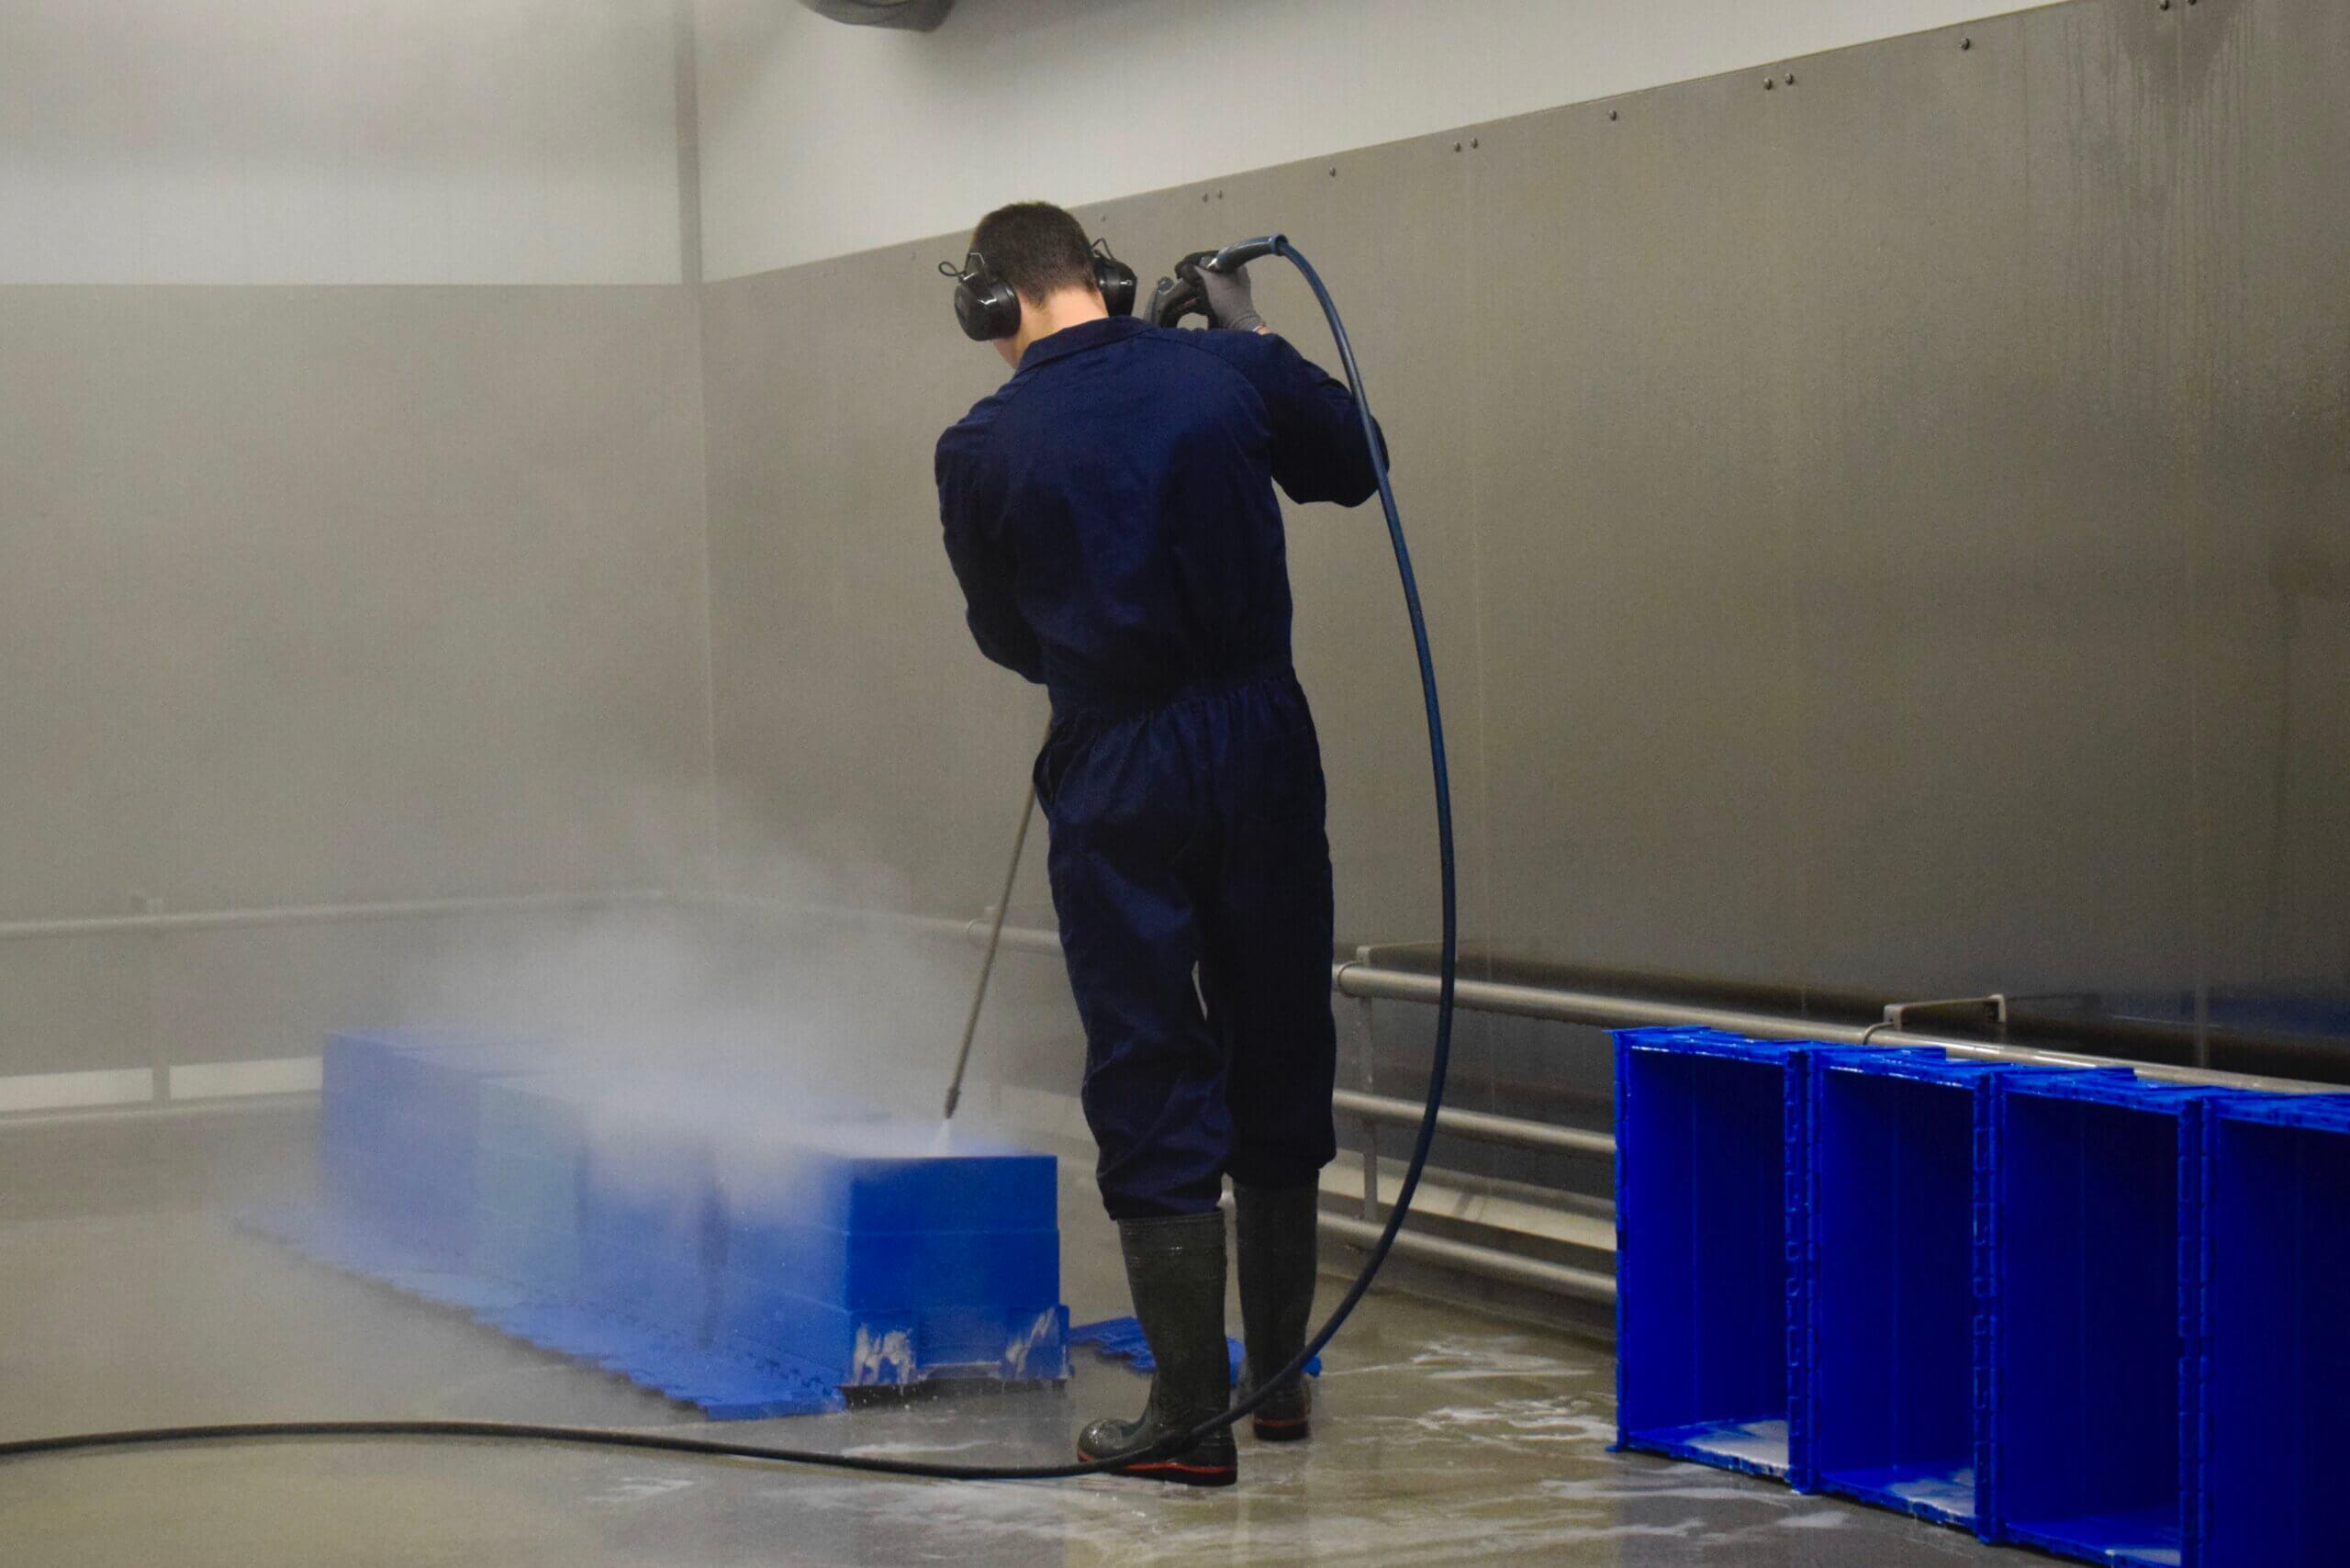 Materialen worden schoongespoten en ontsmet